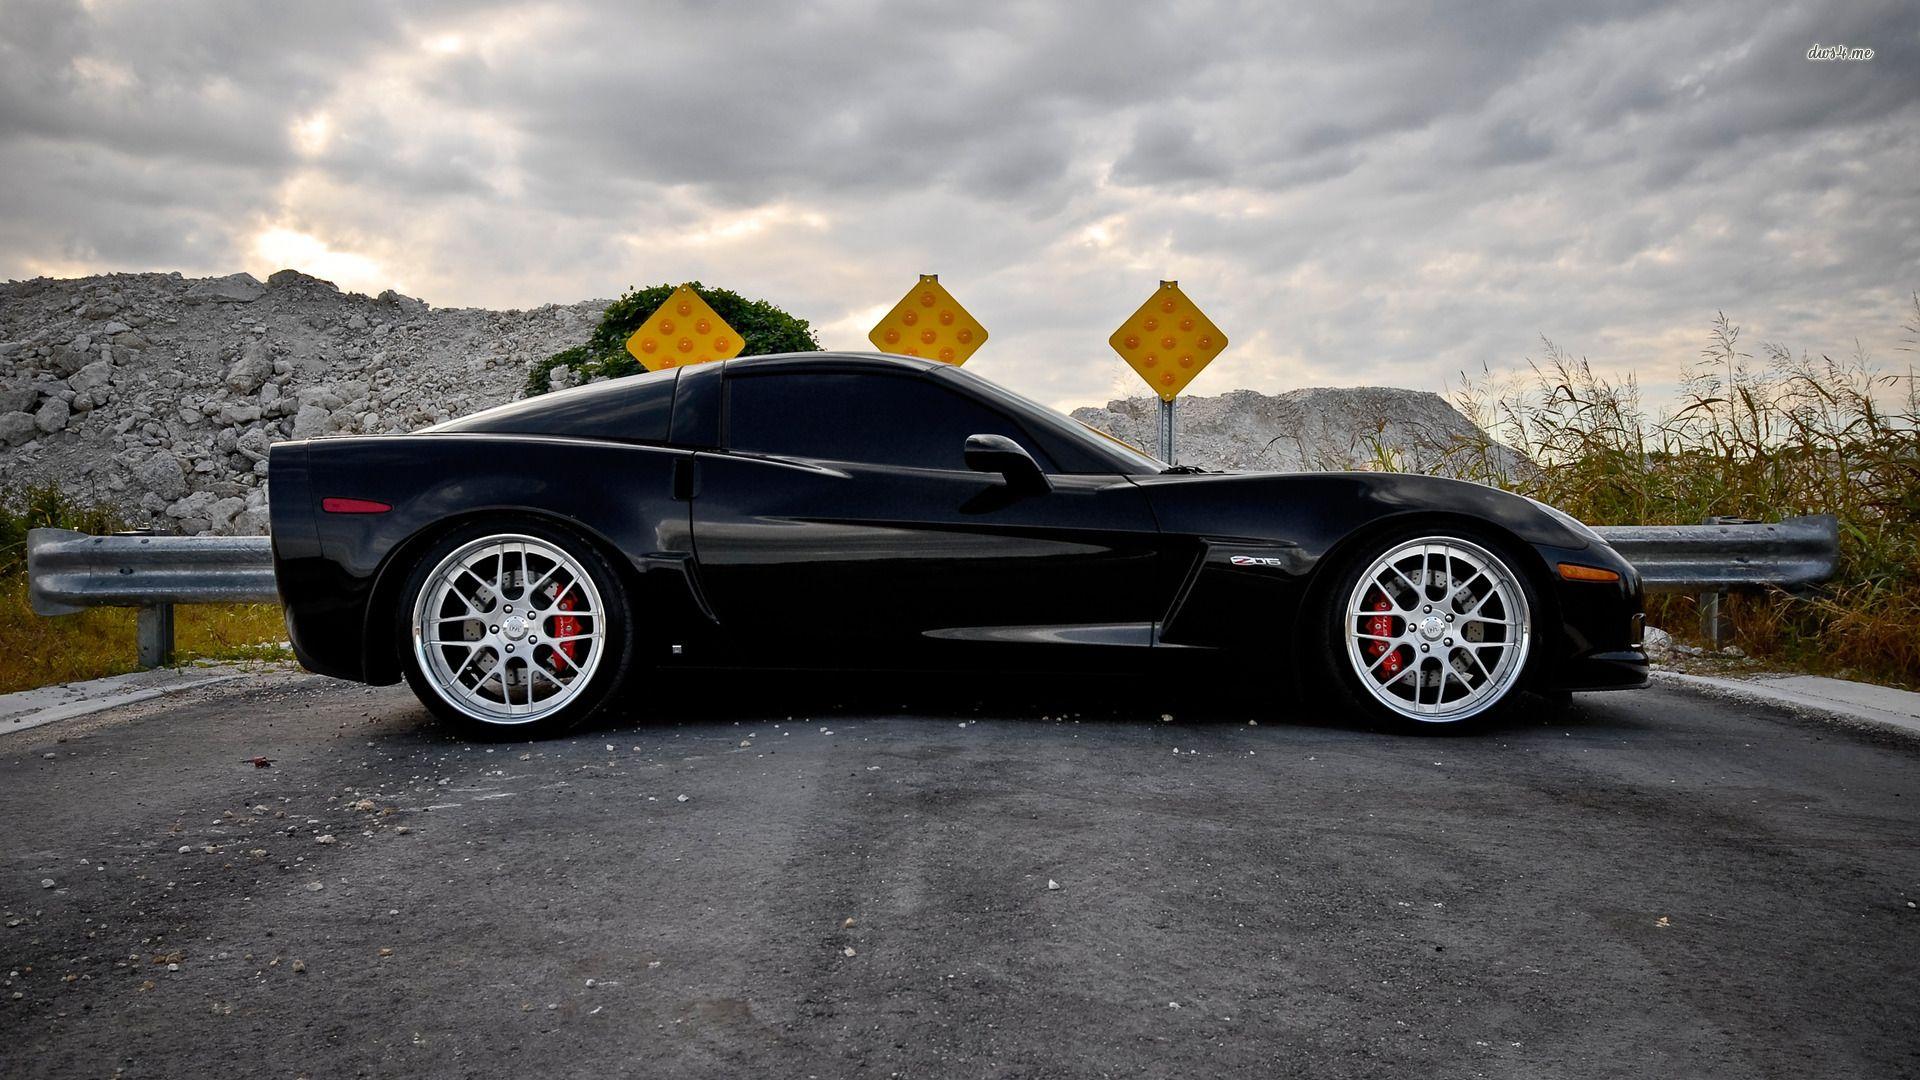 Chevrolet Corvette Z06 Hd Wallpaper Black Corvette Chevrolet